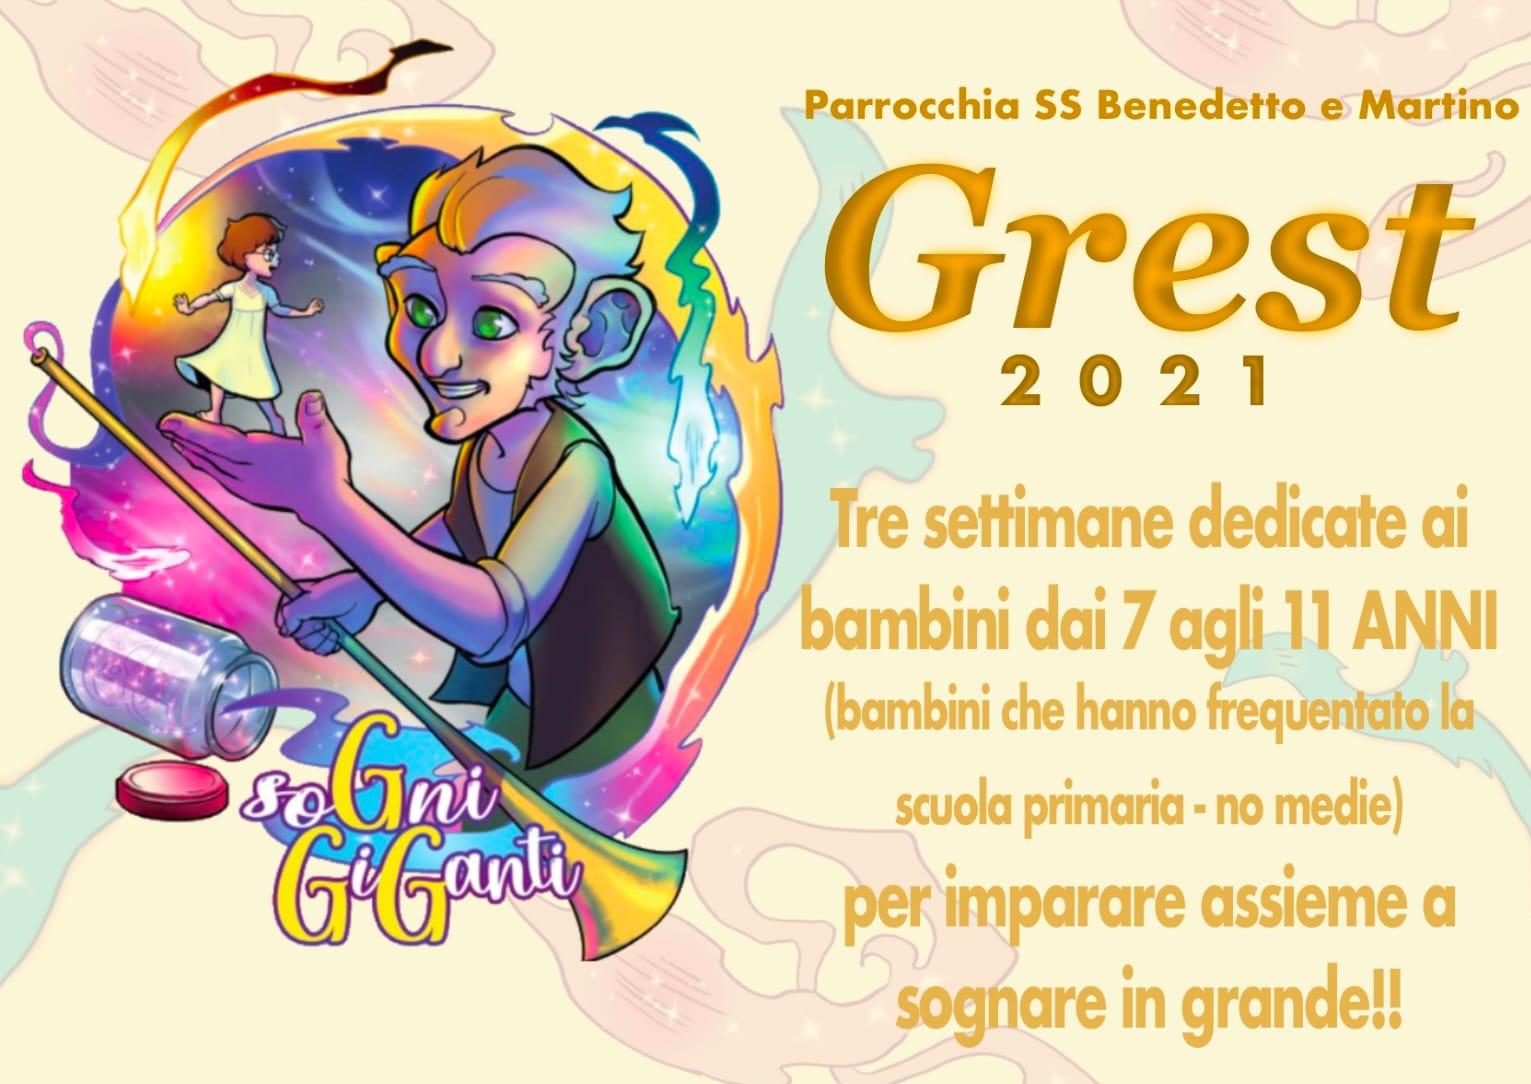 GREST 2021